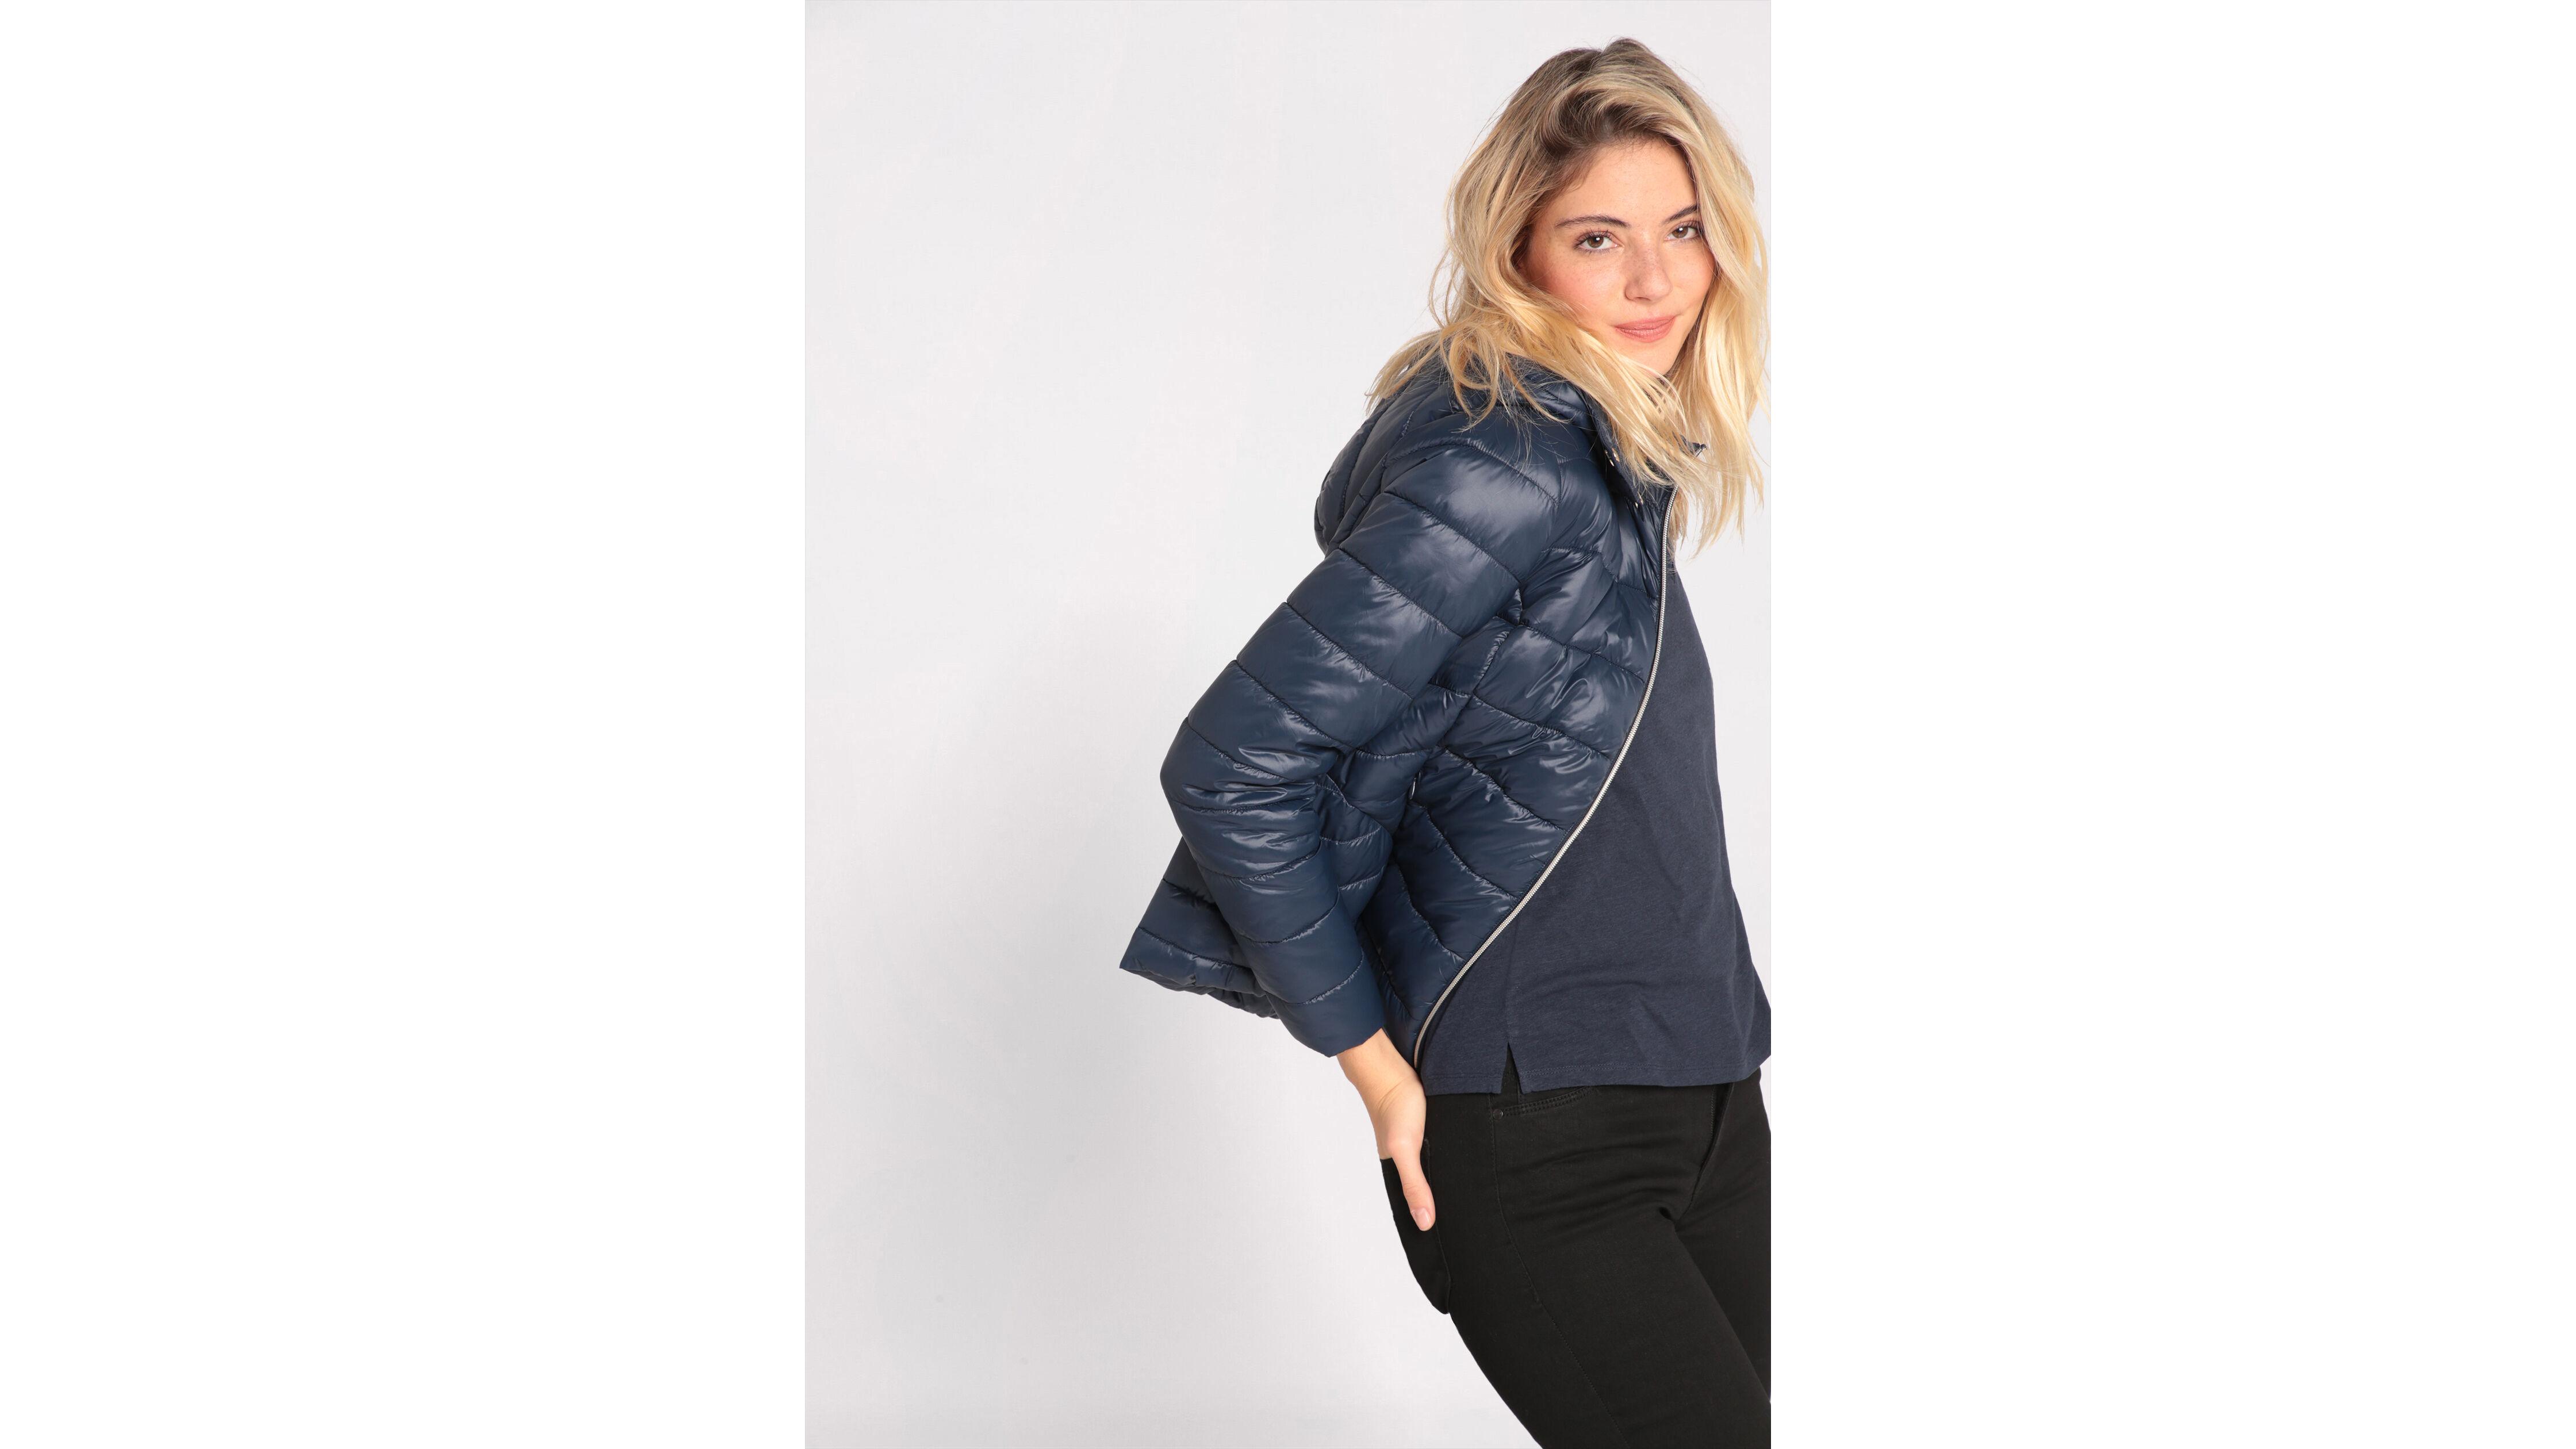 Vestes & manteaux en soldes femme   Vib's